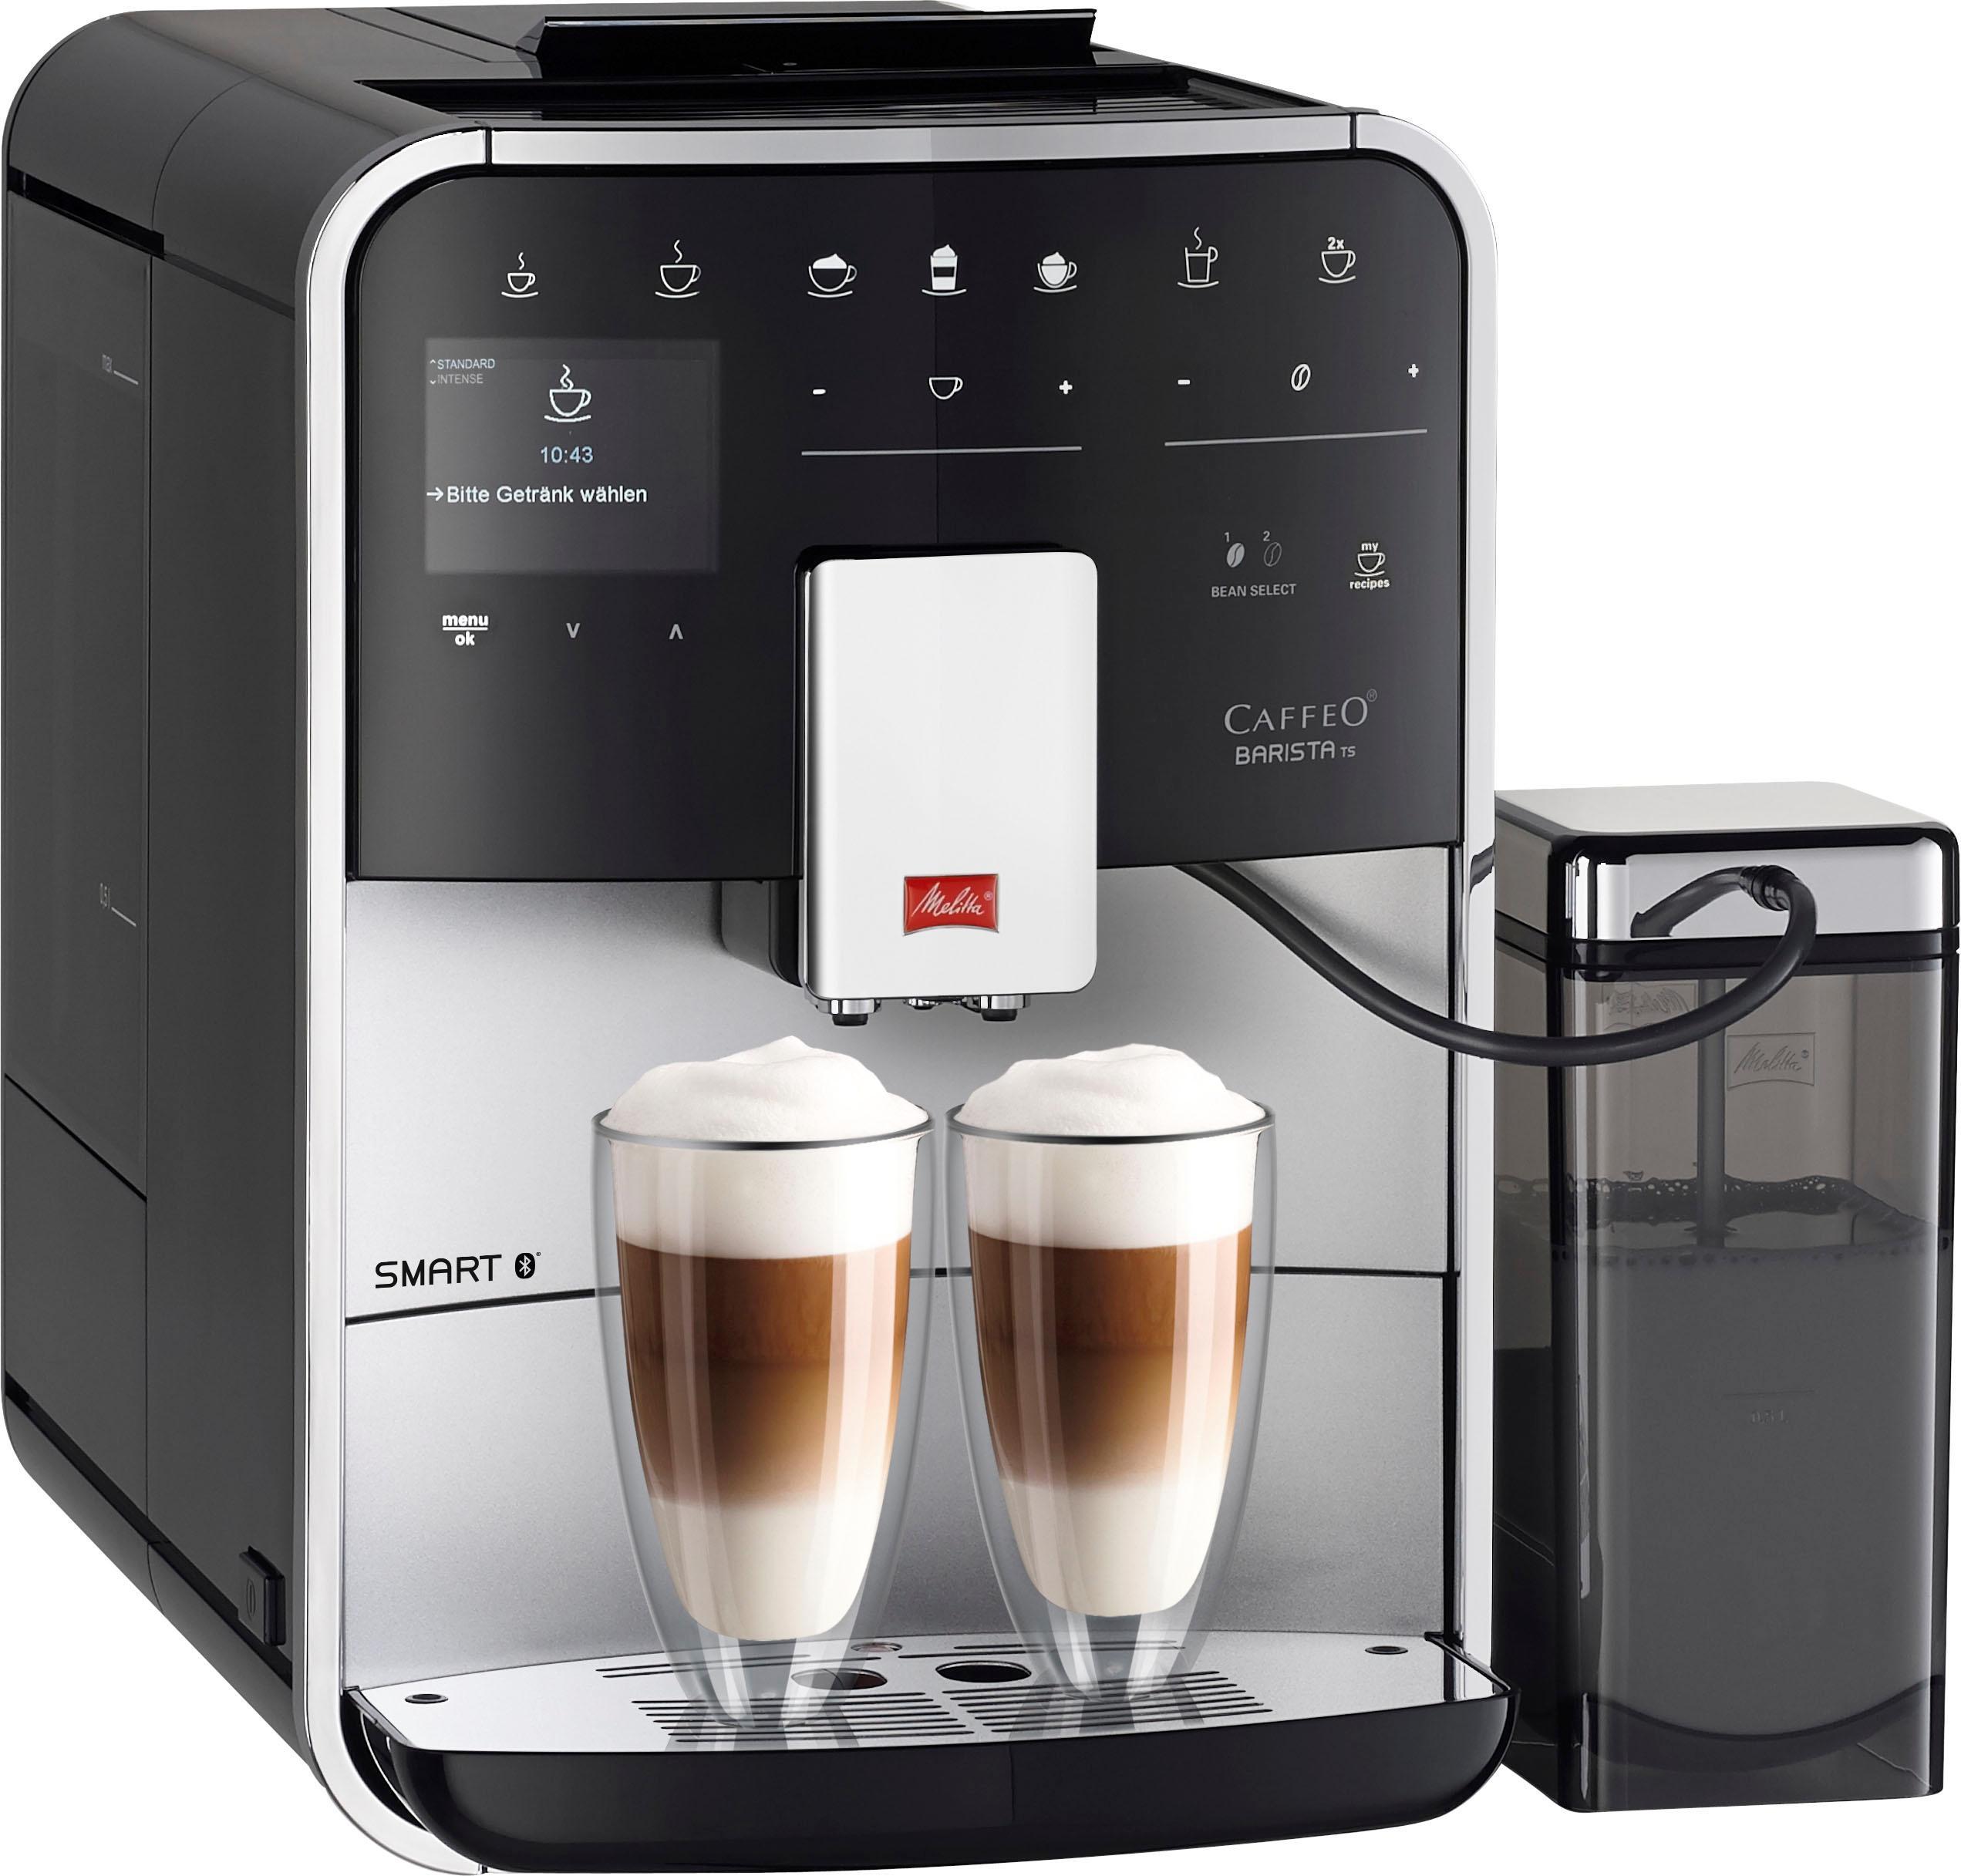 Melitta Kaffeevollautomat Melitta®CAFFEO Barista TS Smart® F85/0-101, silberfarben/schwarz, 1,8l Tank, Kegelmahlwerk | Küche und Esszimmer > Kaffee und Tee > Kaffeevollautomaten | Melitta